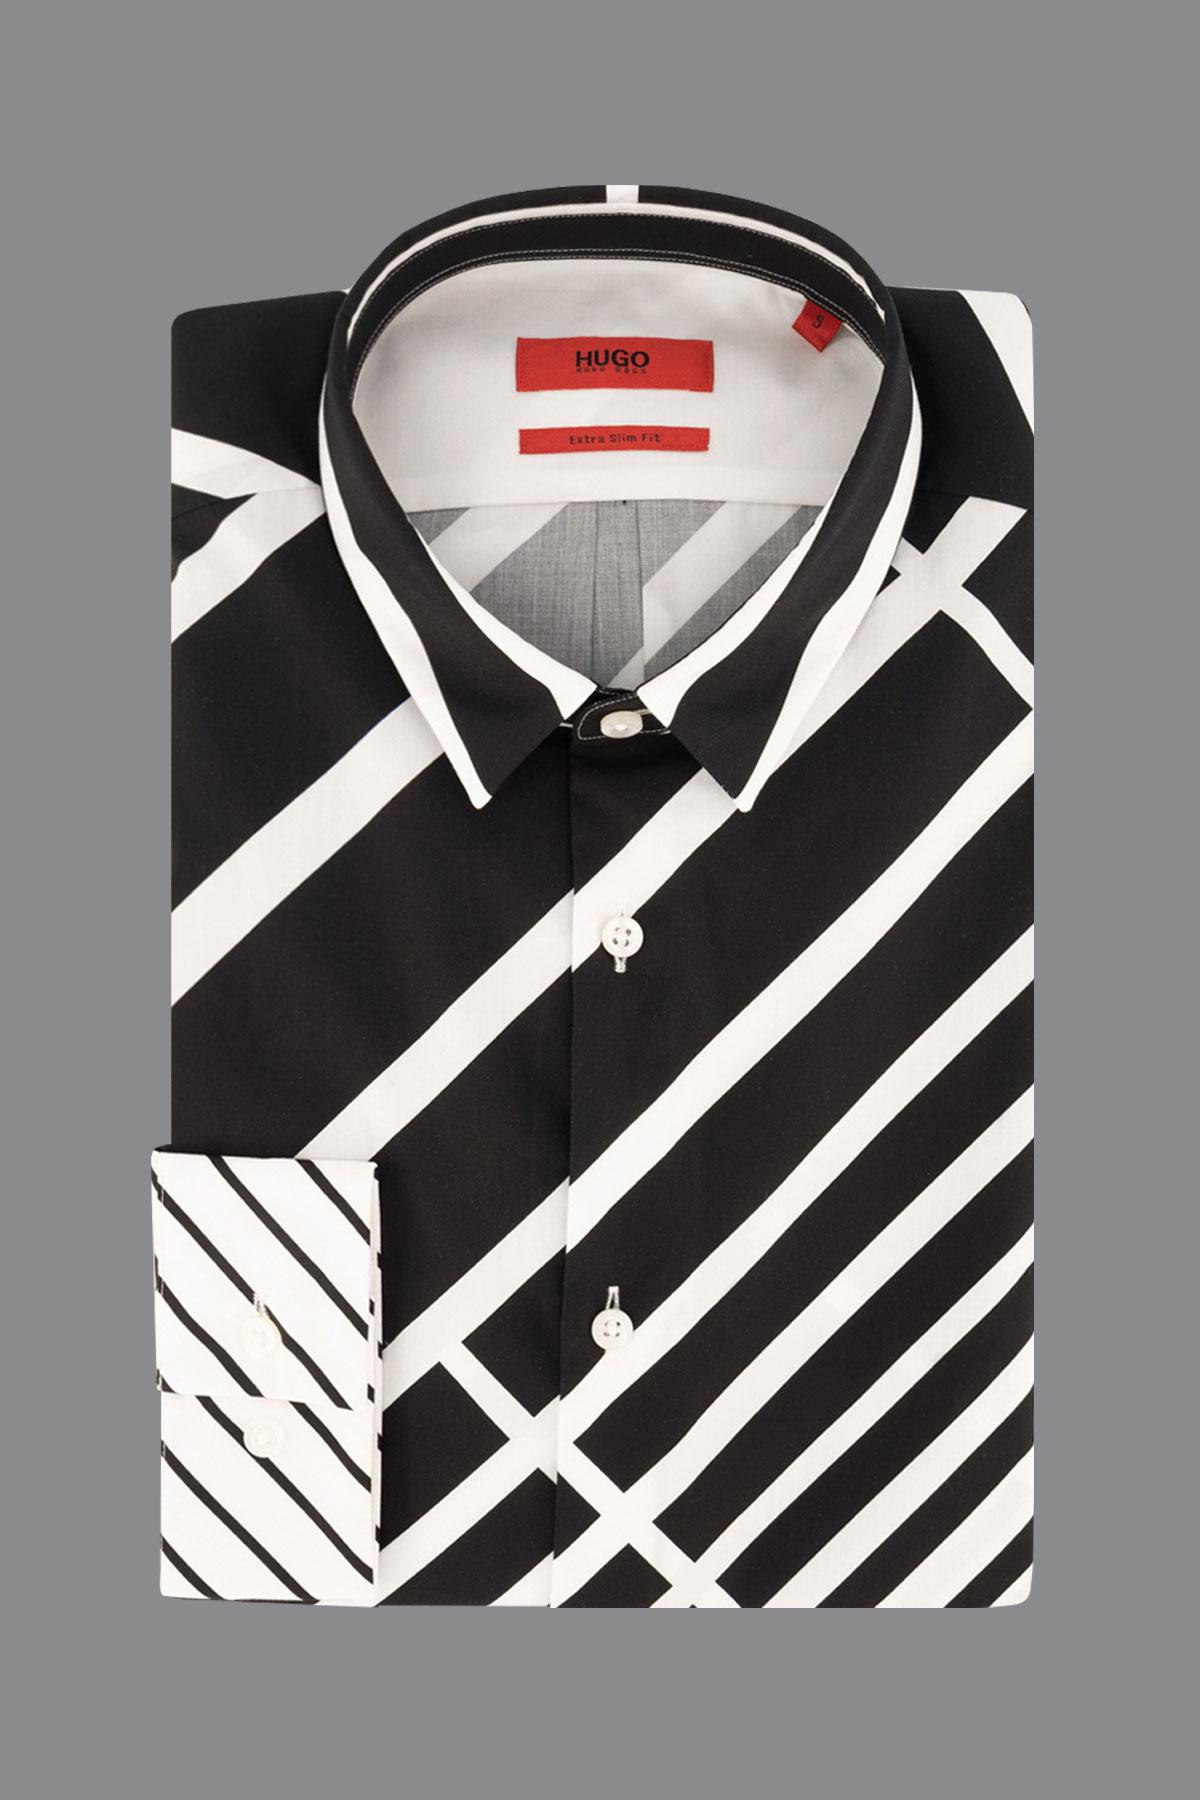 Camisa Hugo Boss, slim fit,  color negra y blanco rayas en diagonal